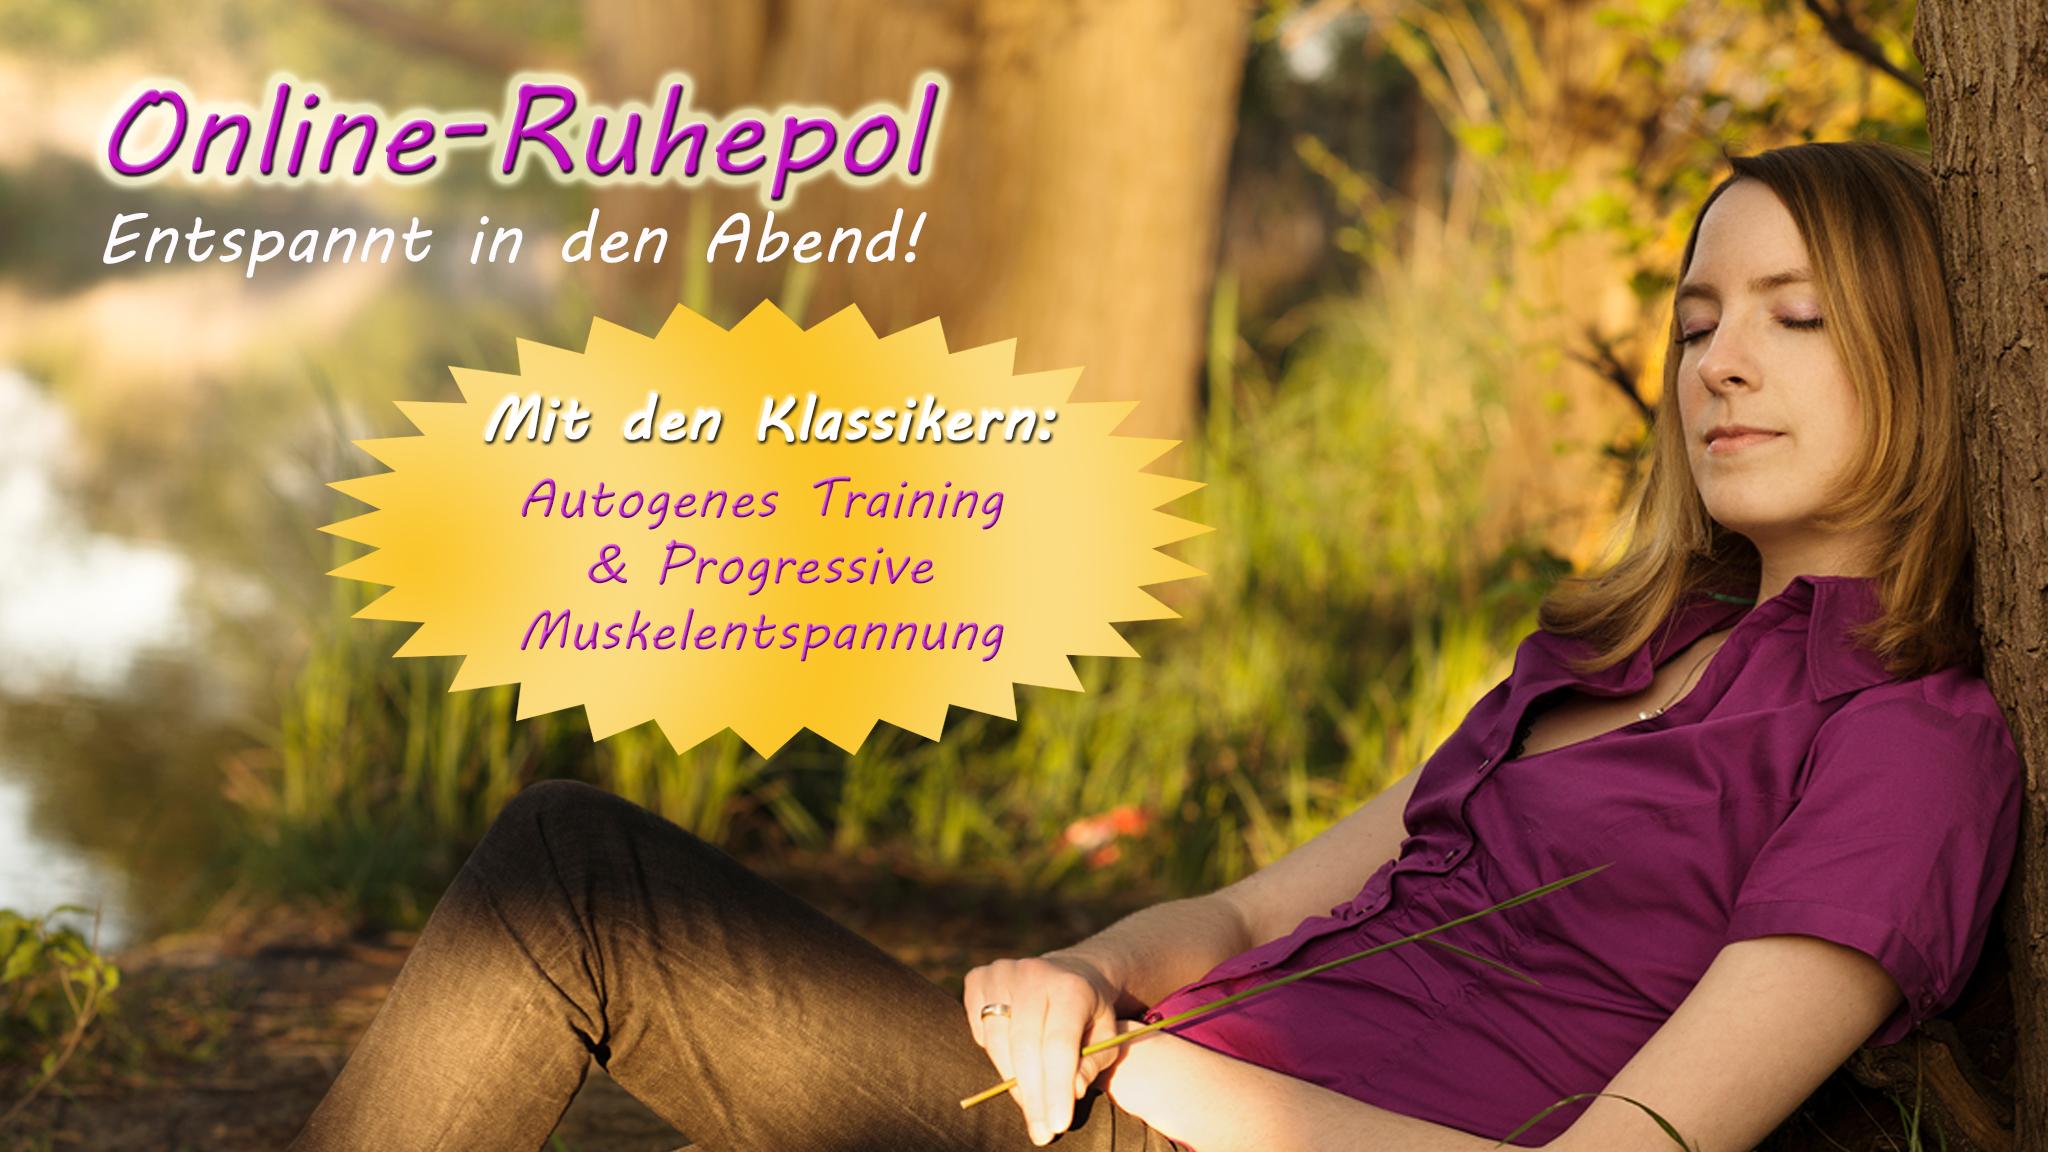 Online-Ruhepol; Entspannung, Stressbewältigung; Autogenes Training; Progressive Muskelentspannung